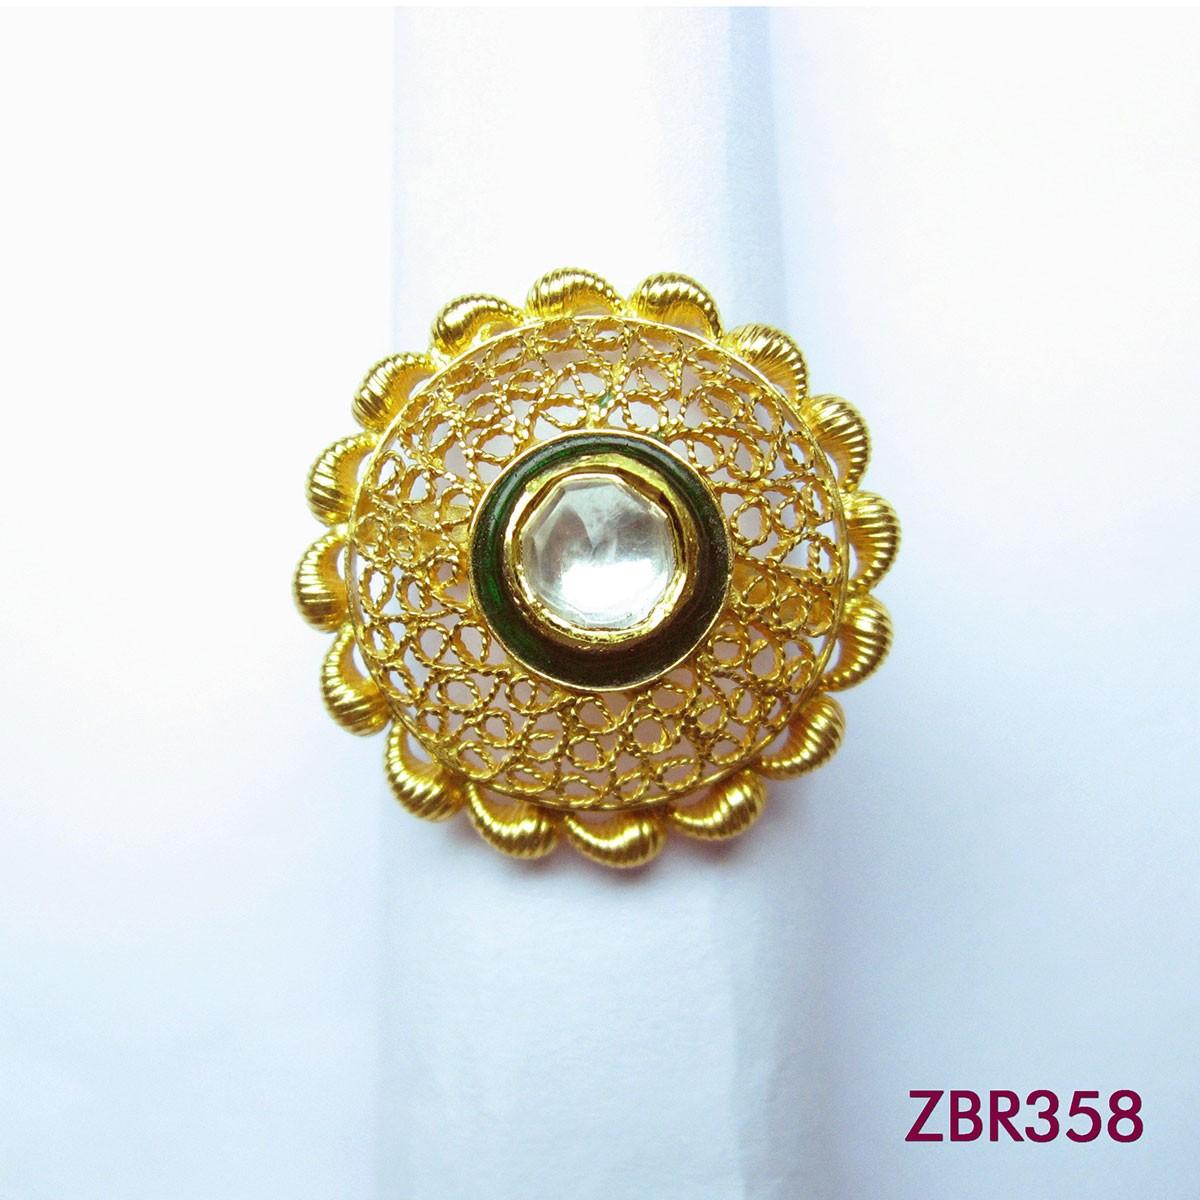 ZBR358